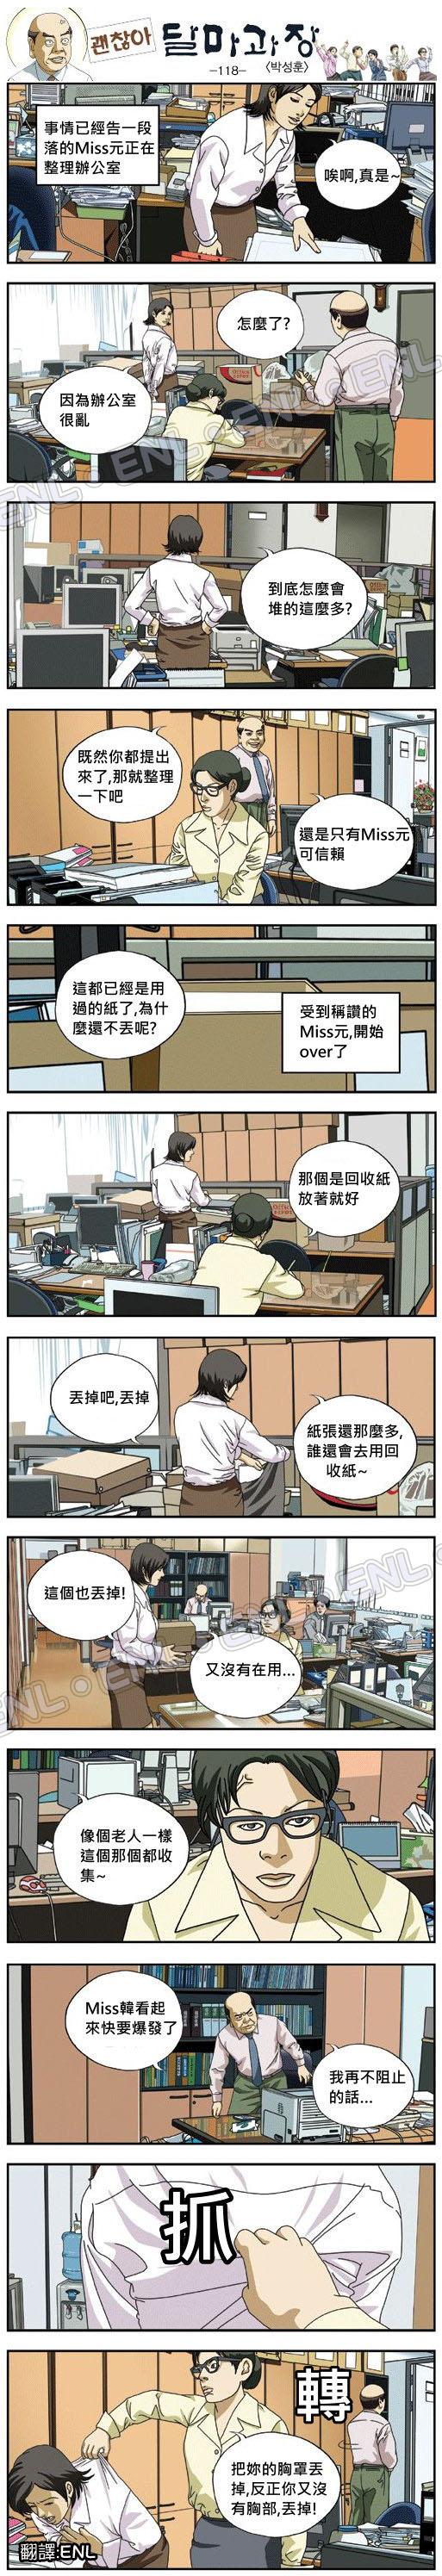 達摩課長 118 – 辦公室霸凌再現! 恩熙這次又被修理了!!-0